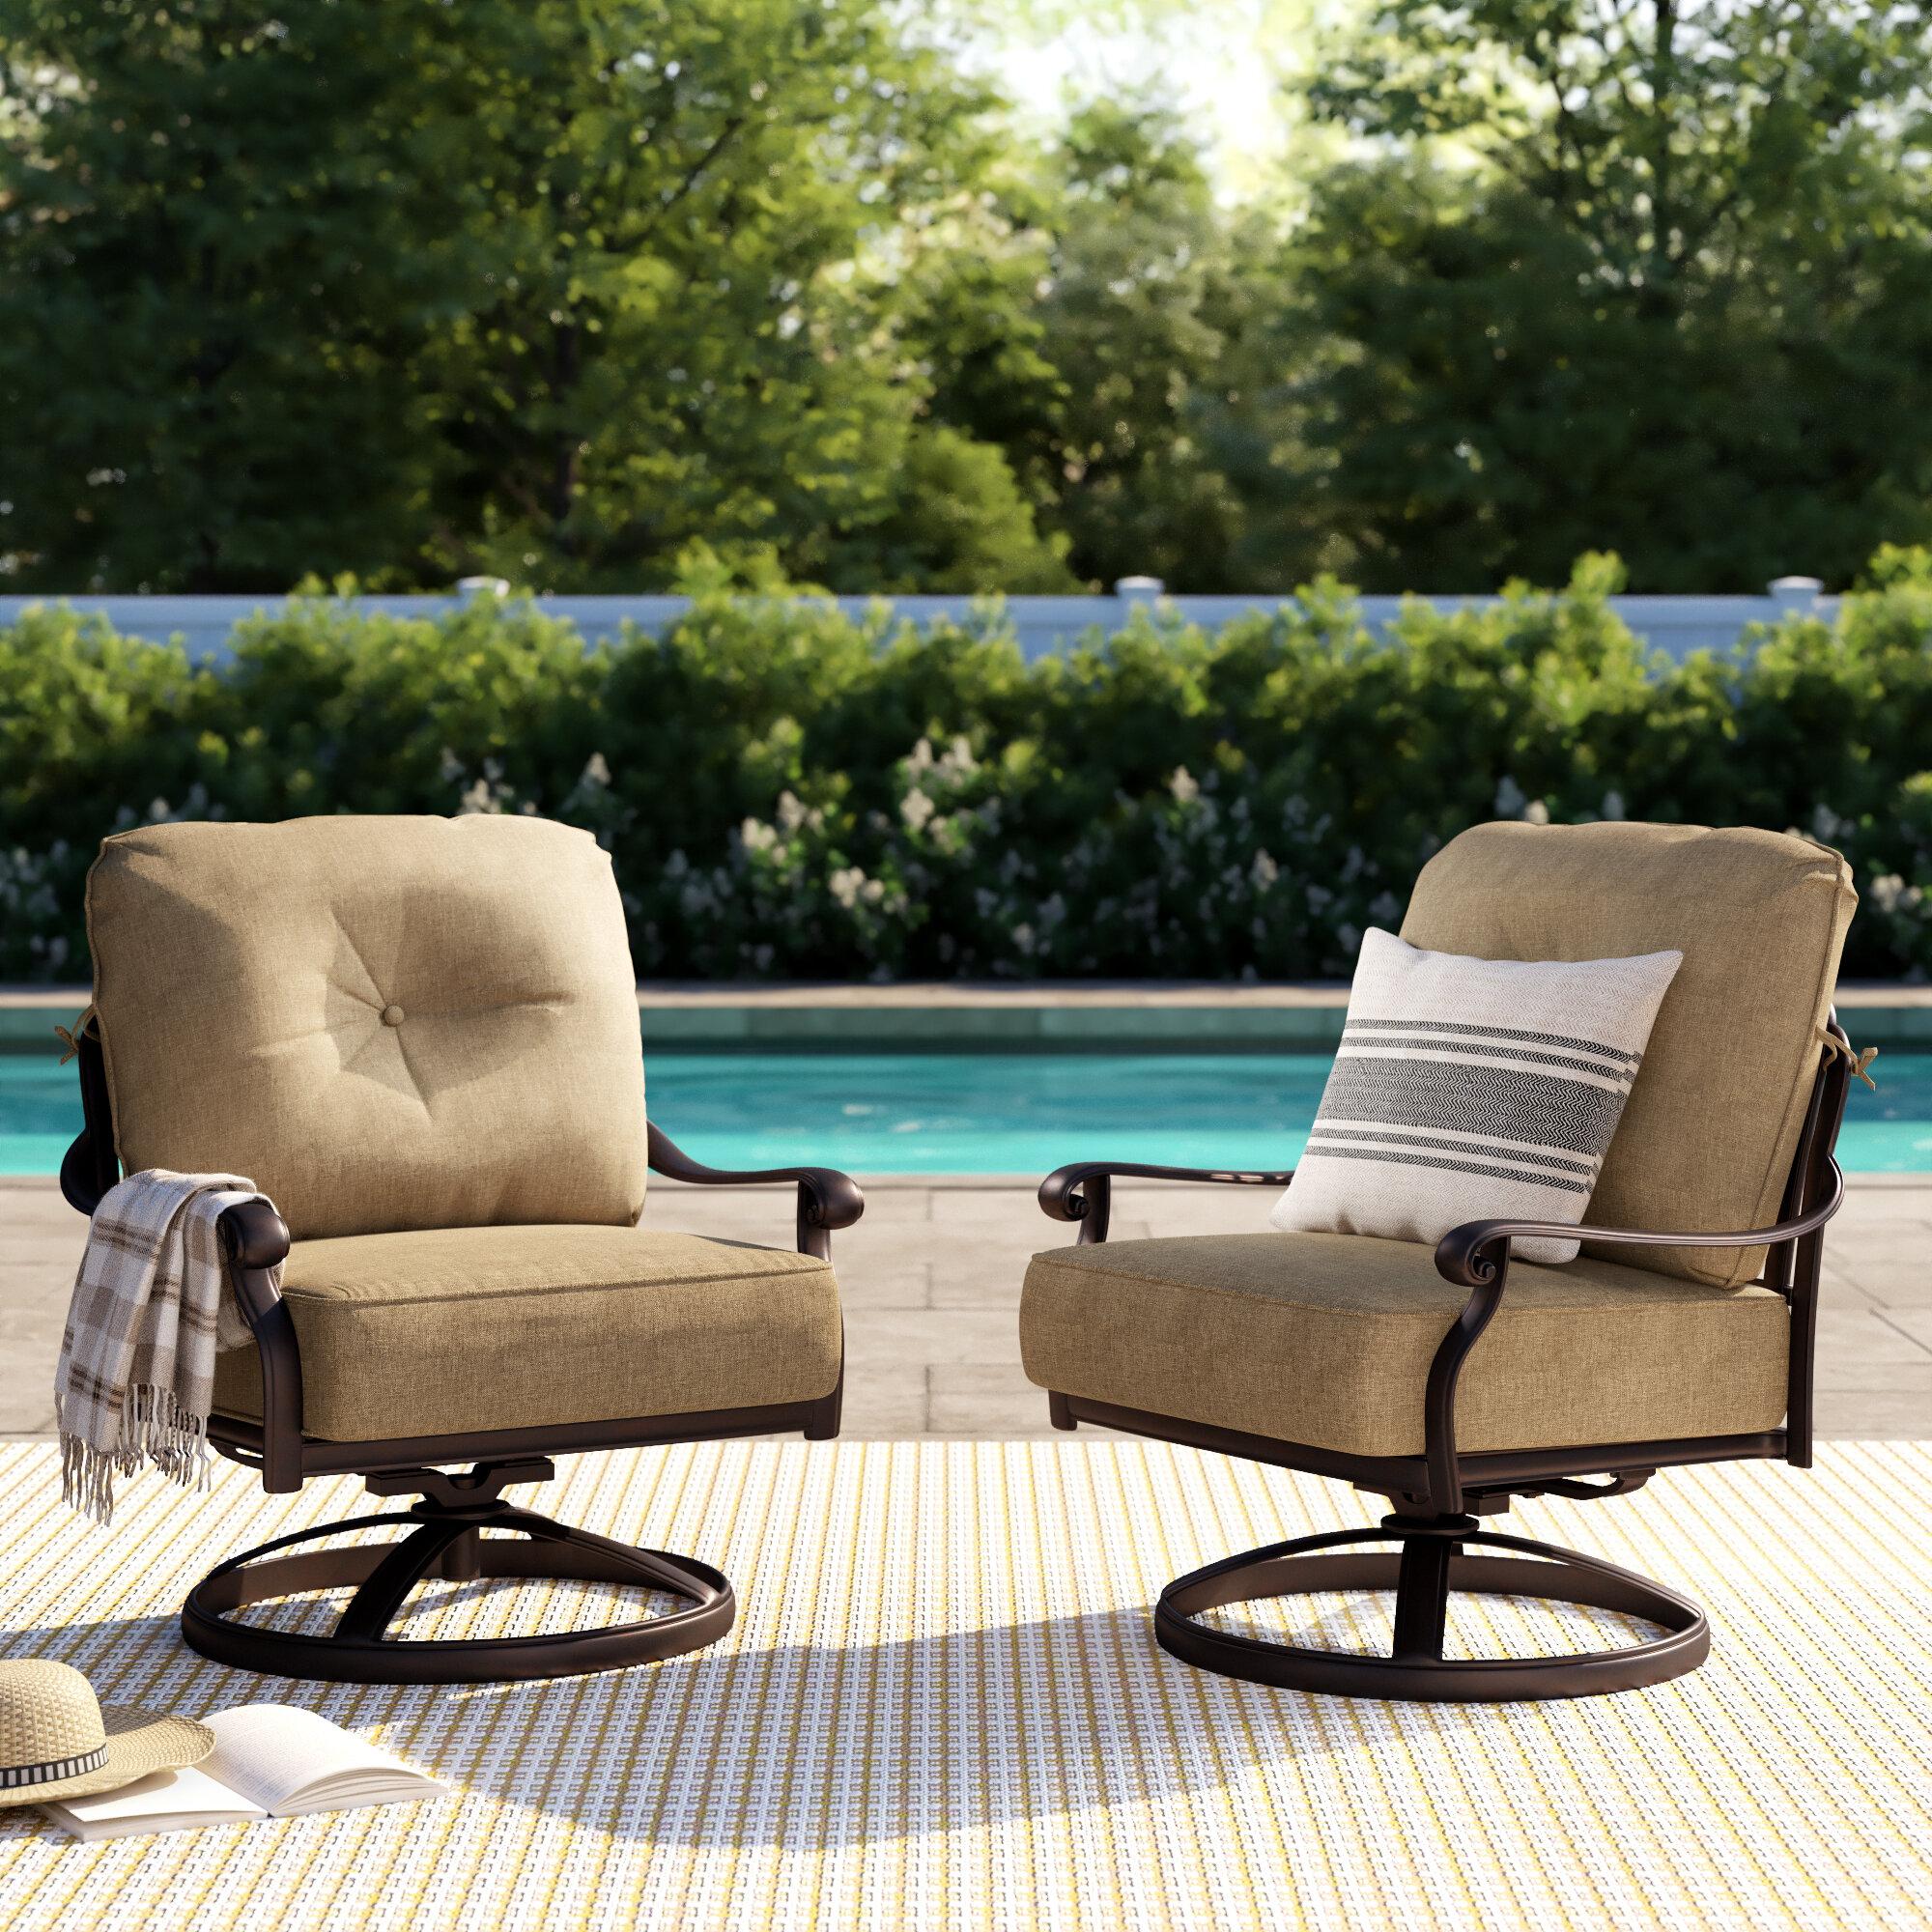 Rocker Swivel Recliner Patio Chair